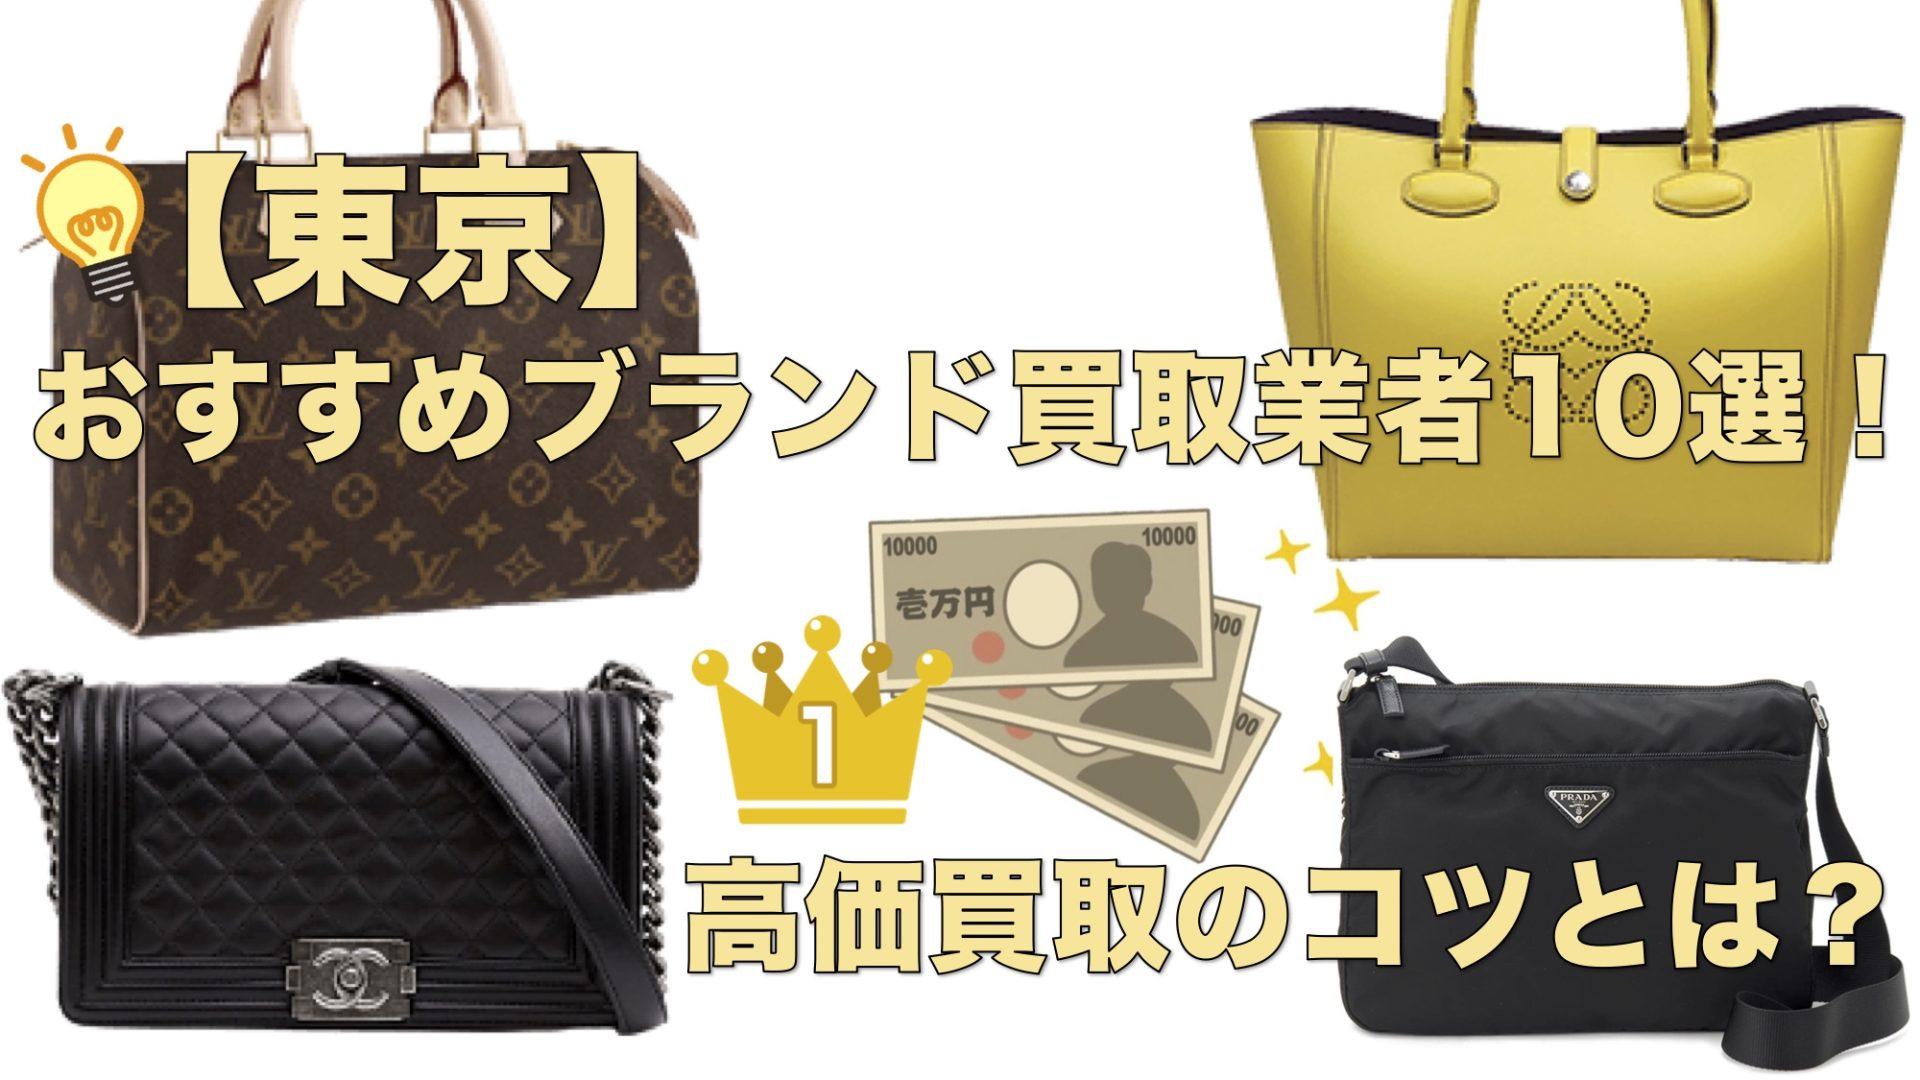 【東京】おすすめブランド買取業者10選!高価買取のコツは? アイキャッチ画像